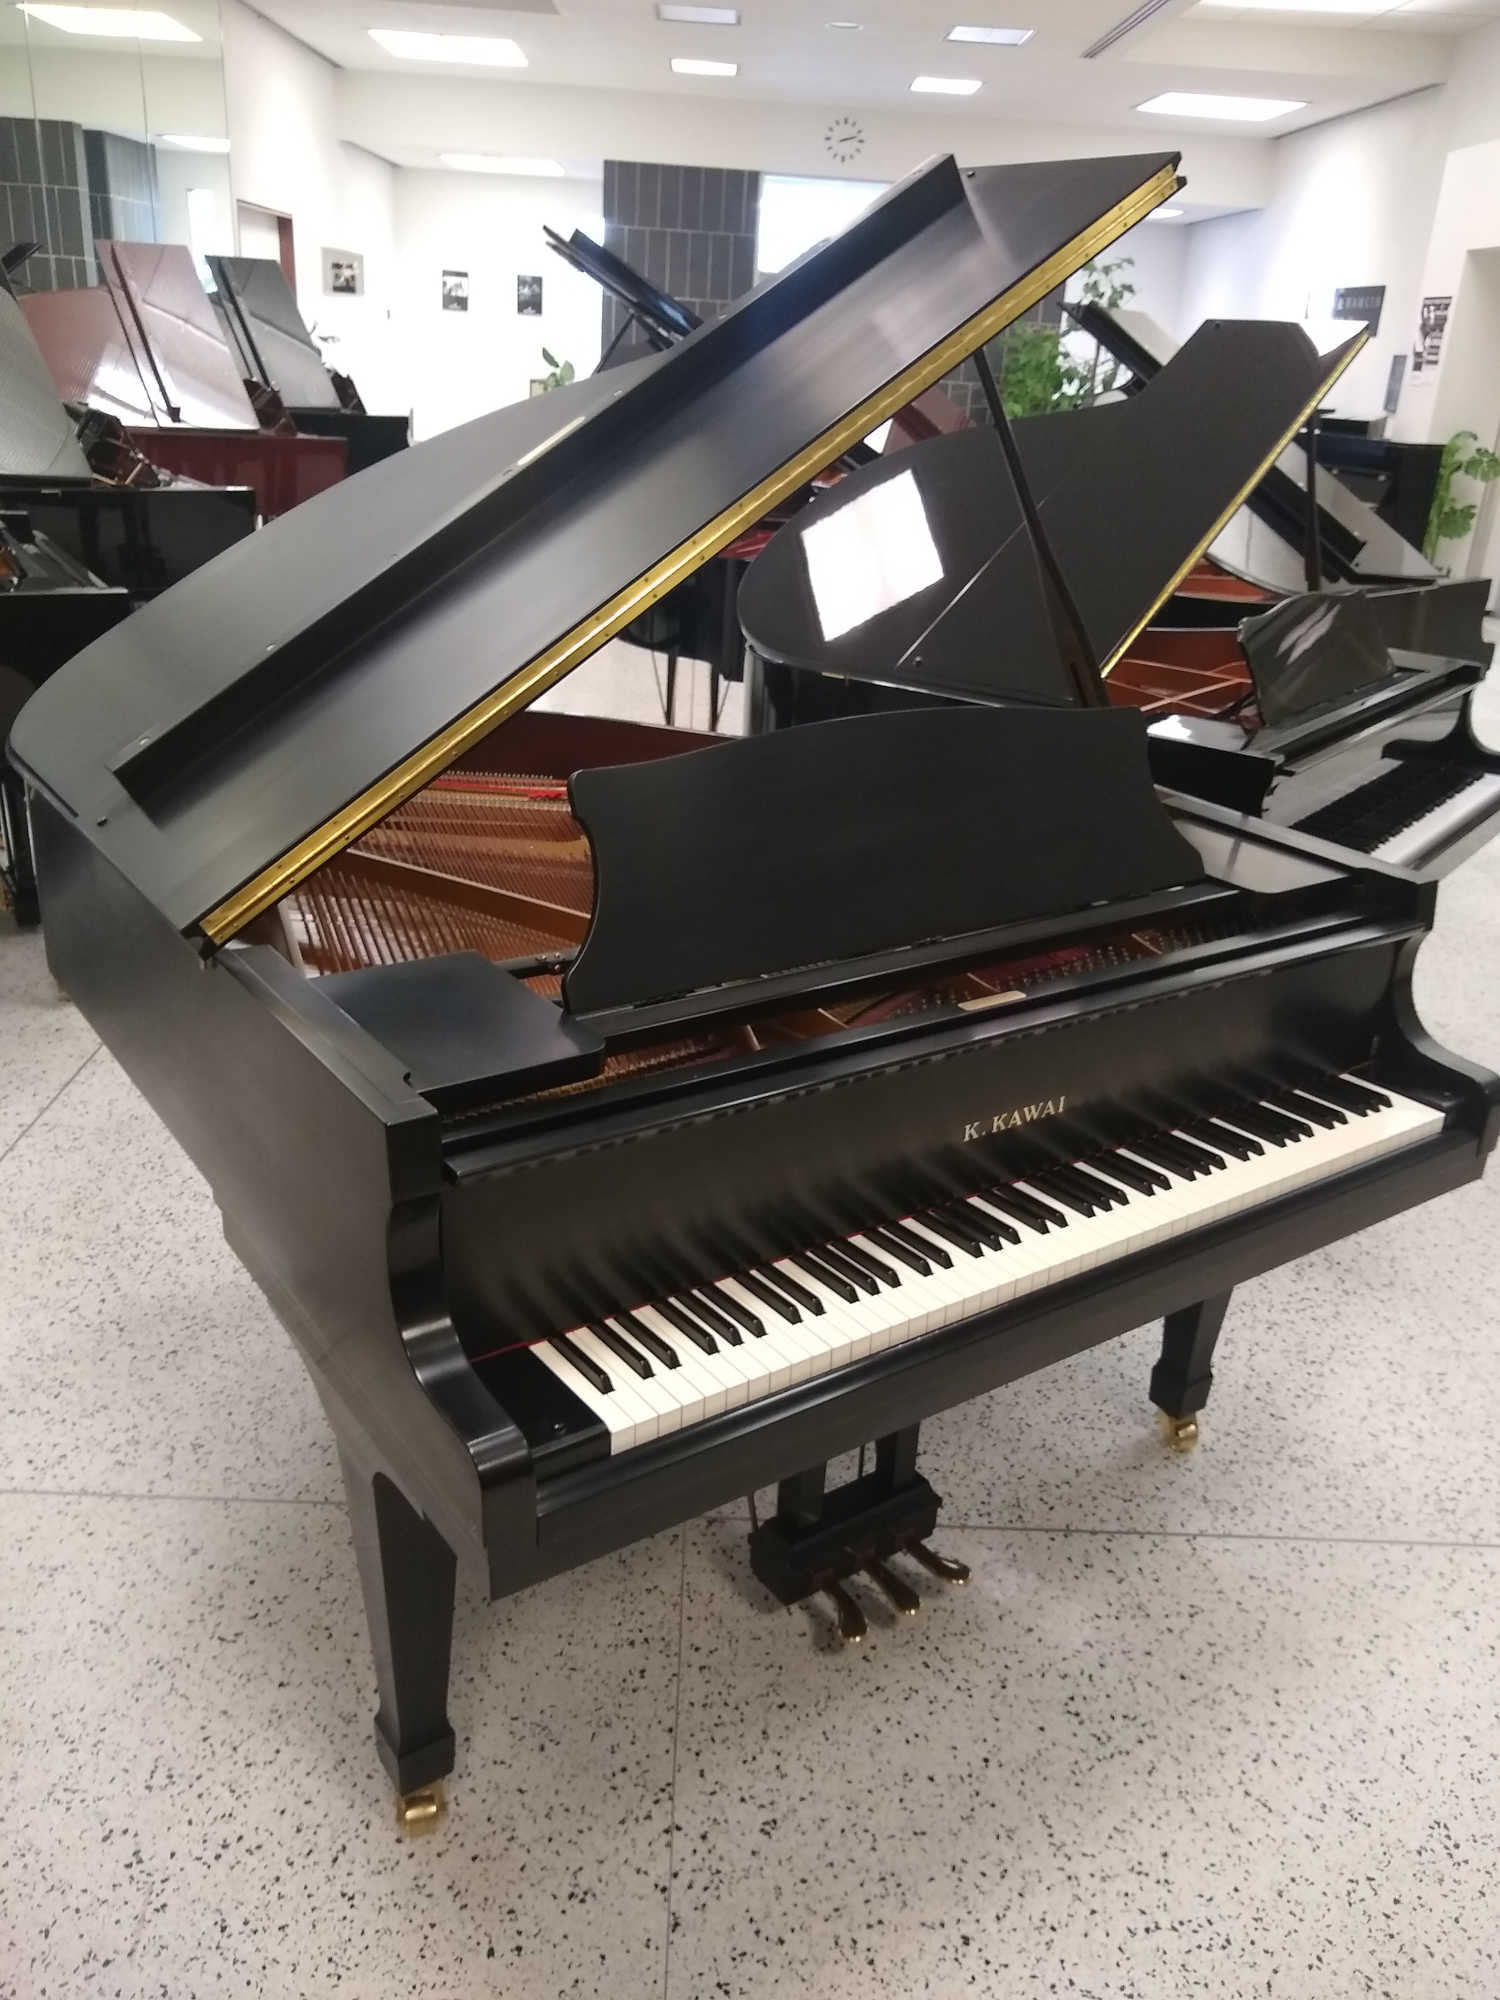 Kawai RX1 Grand Piano - Ebony Satin